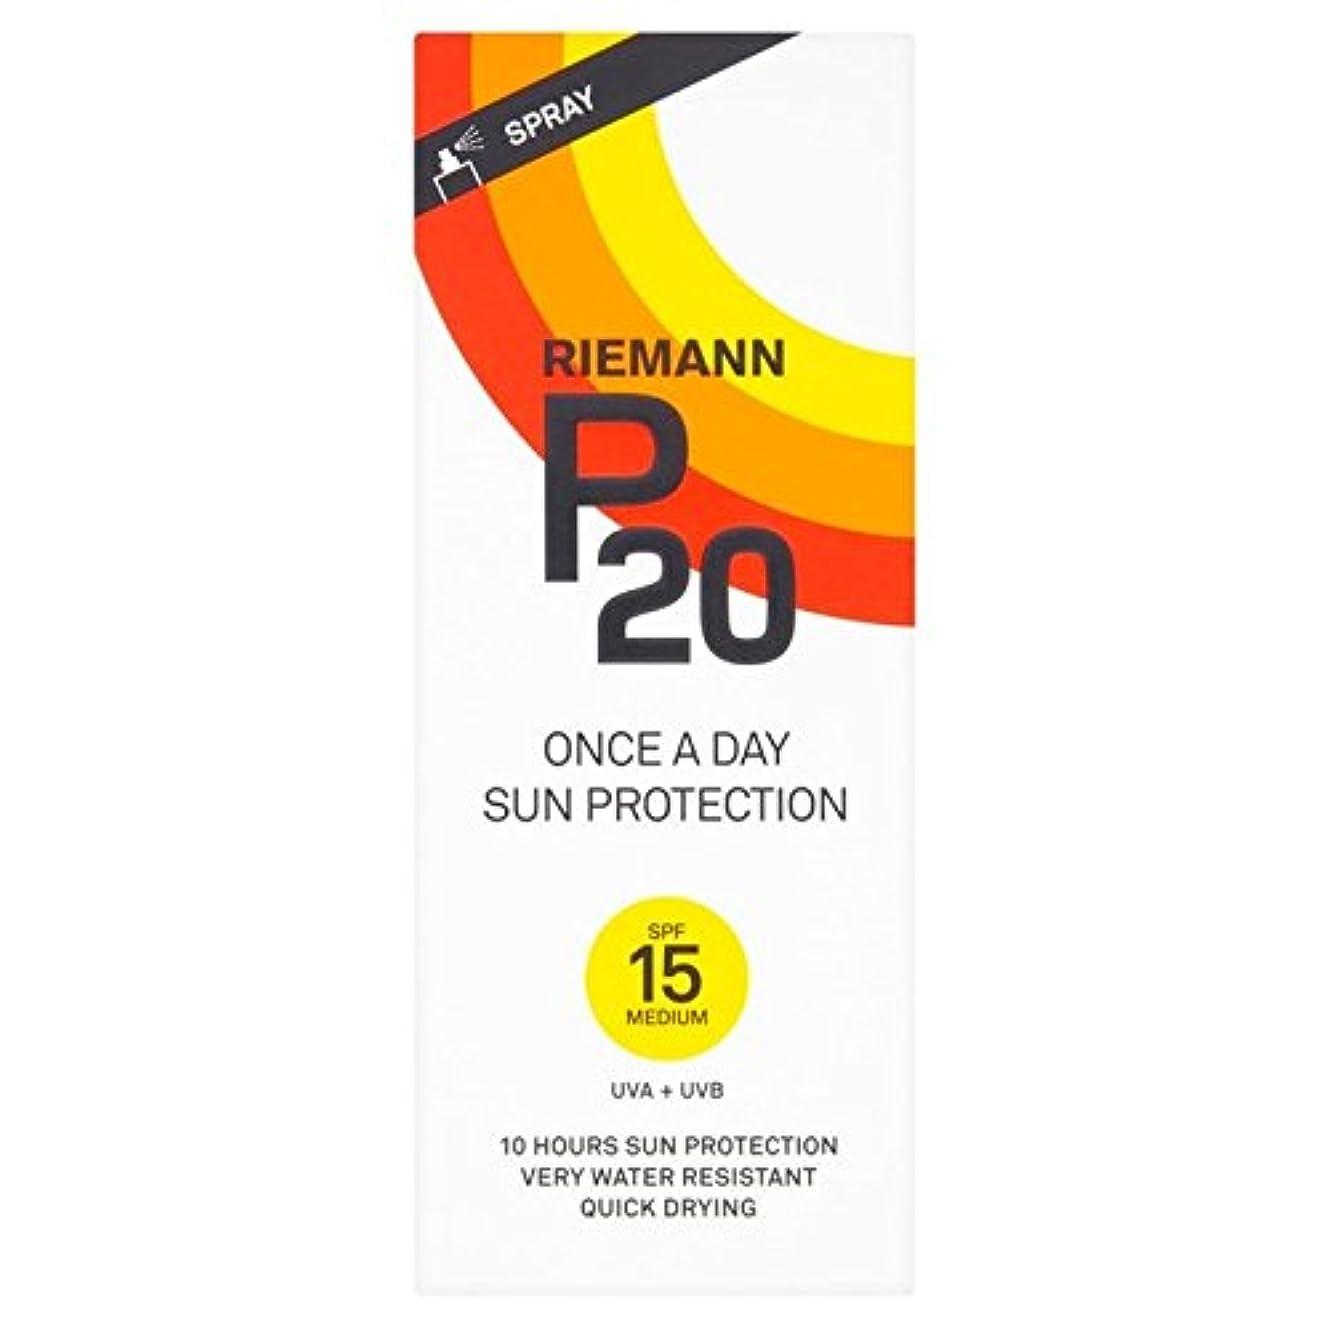 振幅ベリークローンリーマン20 15 1日/ 10時間の保護200ミリリットル x4 - Riemann P20 SPF15 1 Day/10 Hour Protection 200ml (Pack of 4) [並行輸入品]